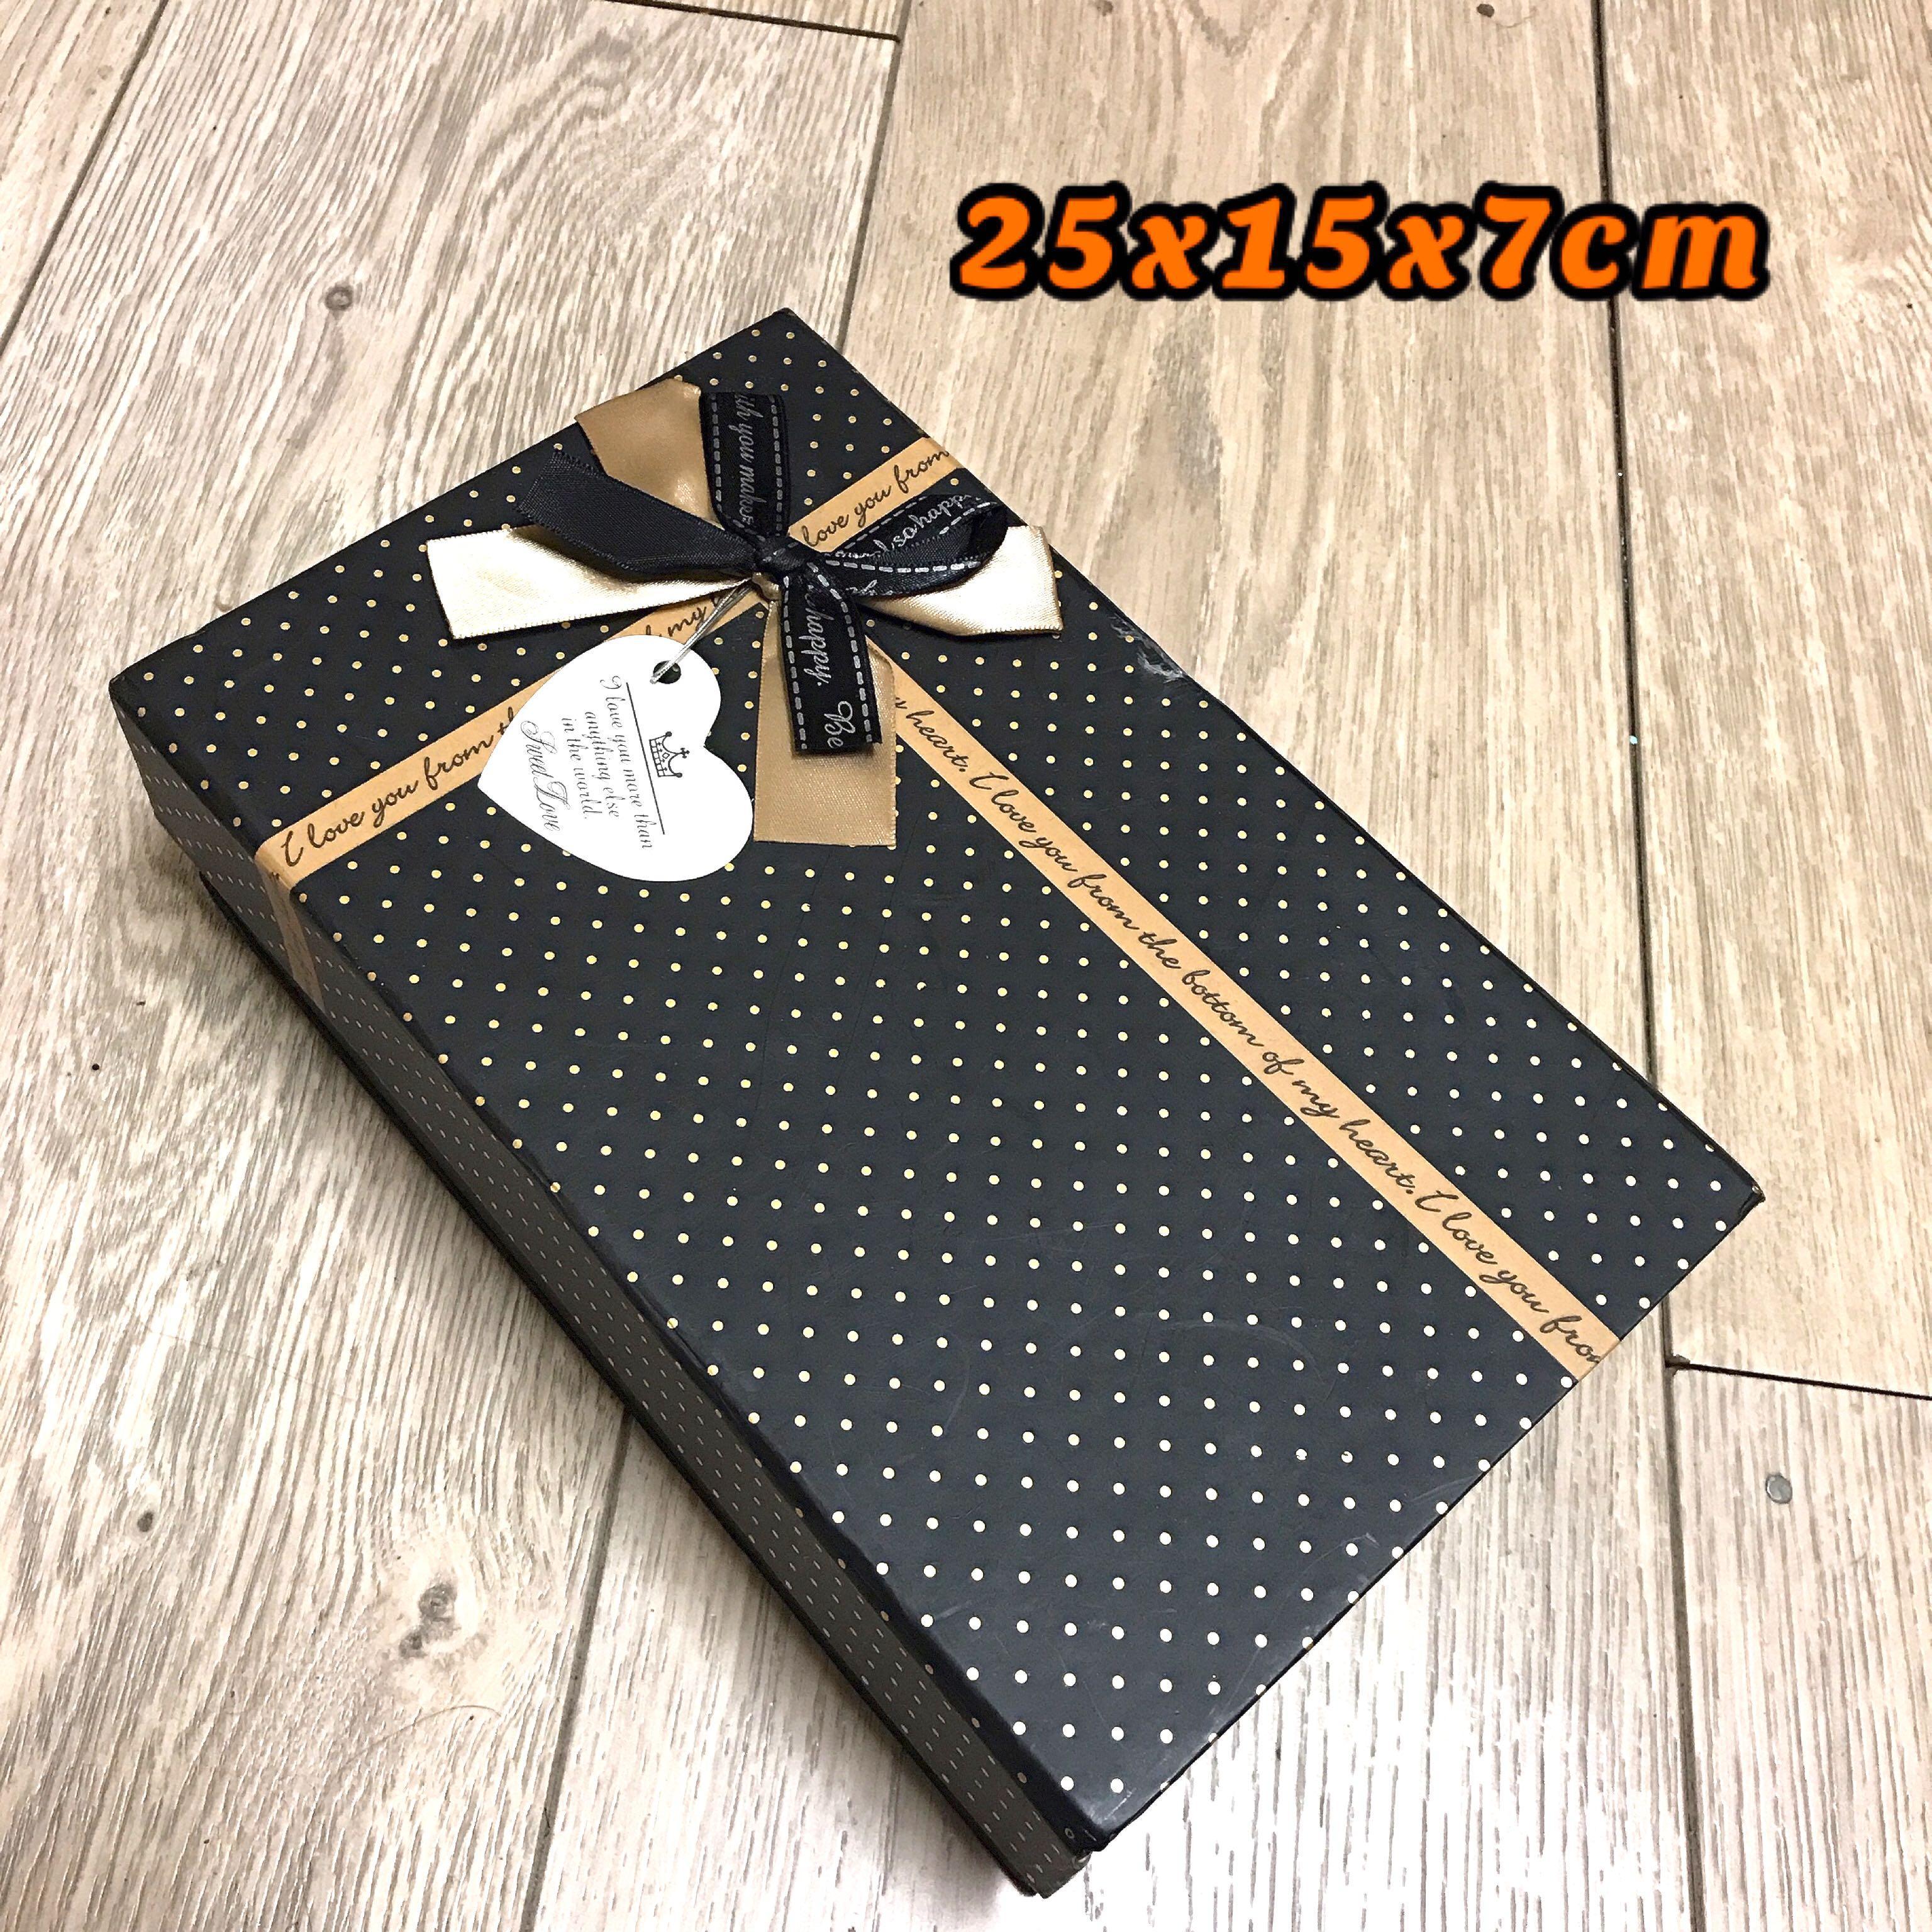 黑色 金點 長方 蝴蝶結 禮物盒 置物盒 收納盒 盒子 箱子